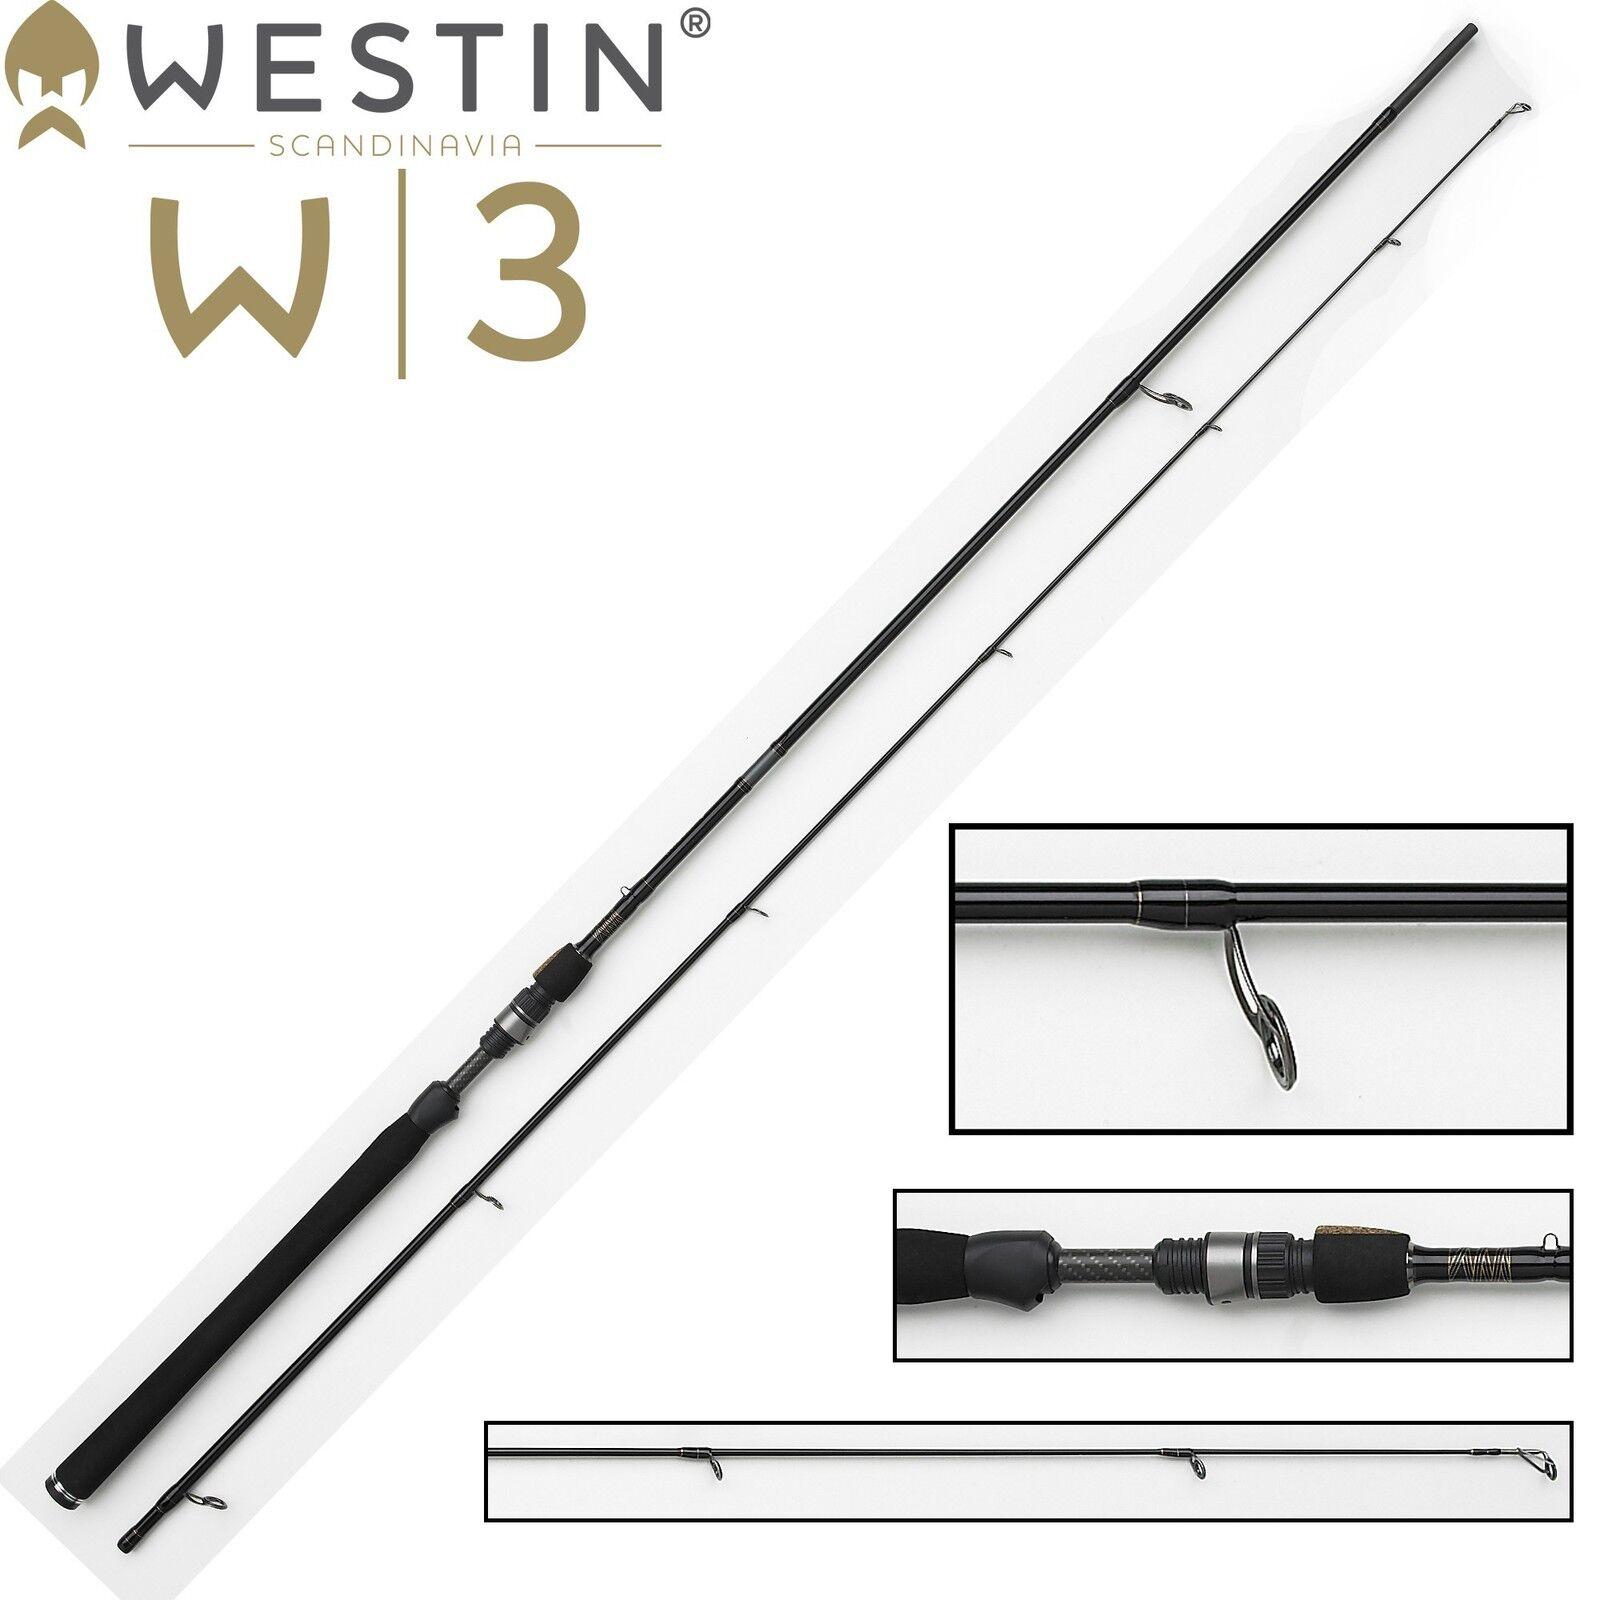 Westin Powershad W3 270 cm M 7-25g, Spinnrute für Hecht, Zander und Barsch